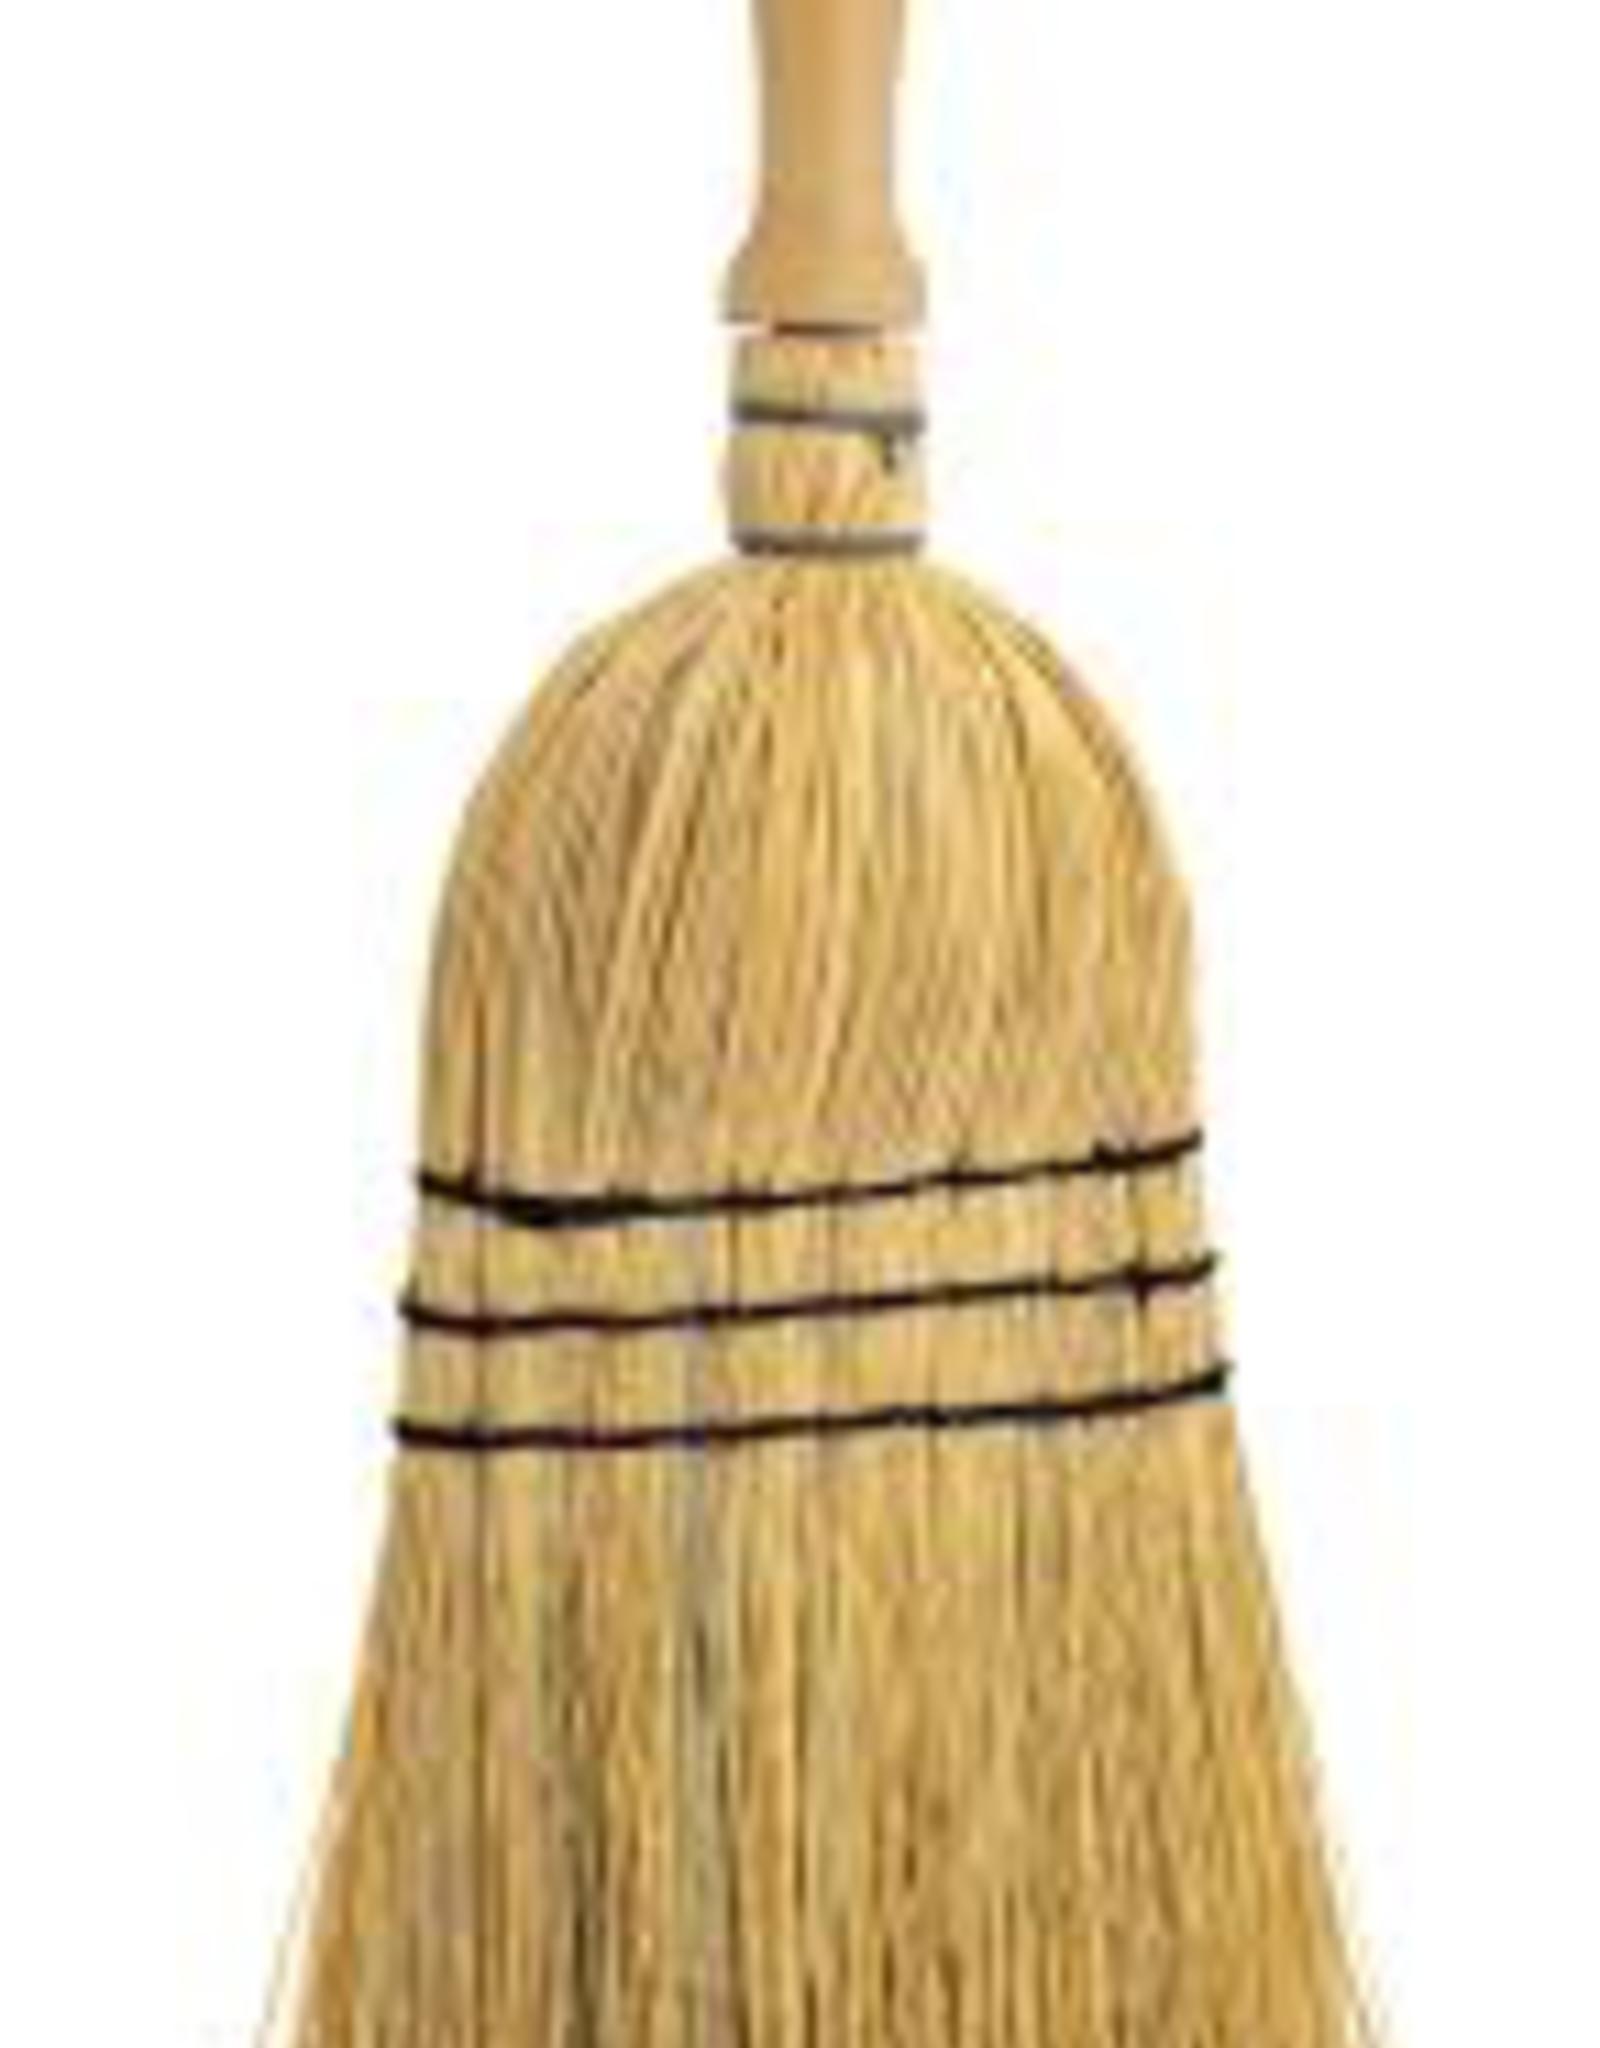 Redecker Redecker Rice Straw Hand Brush